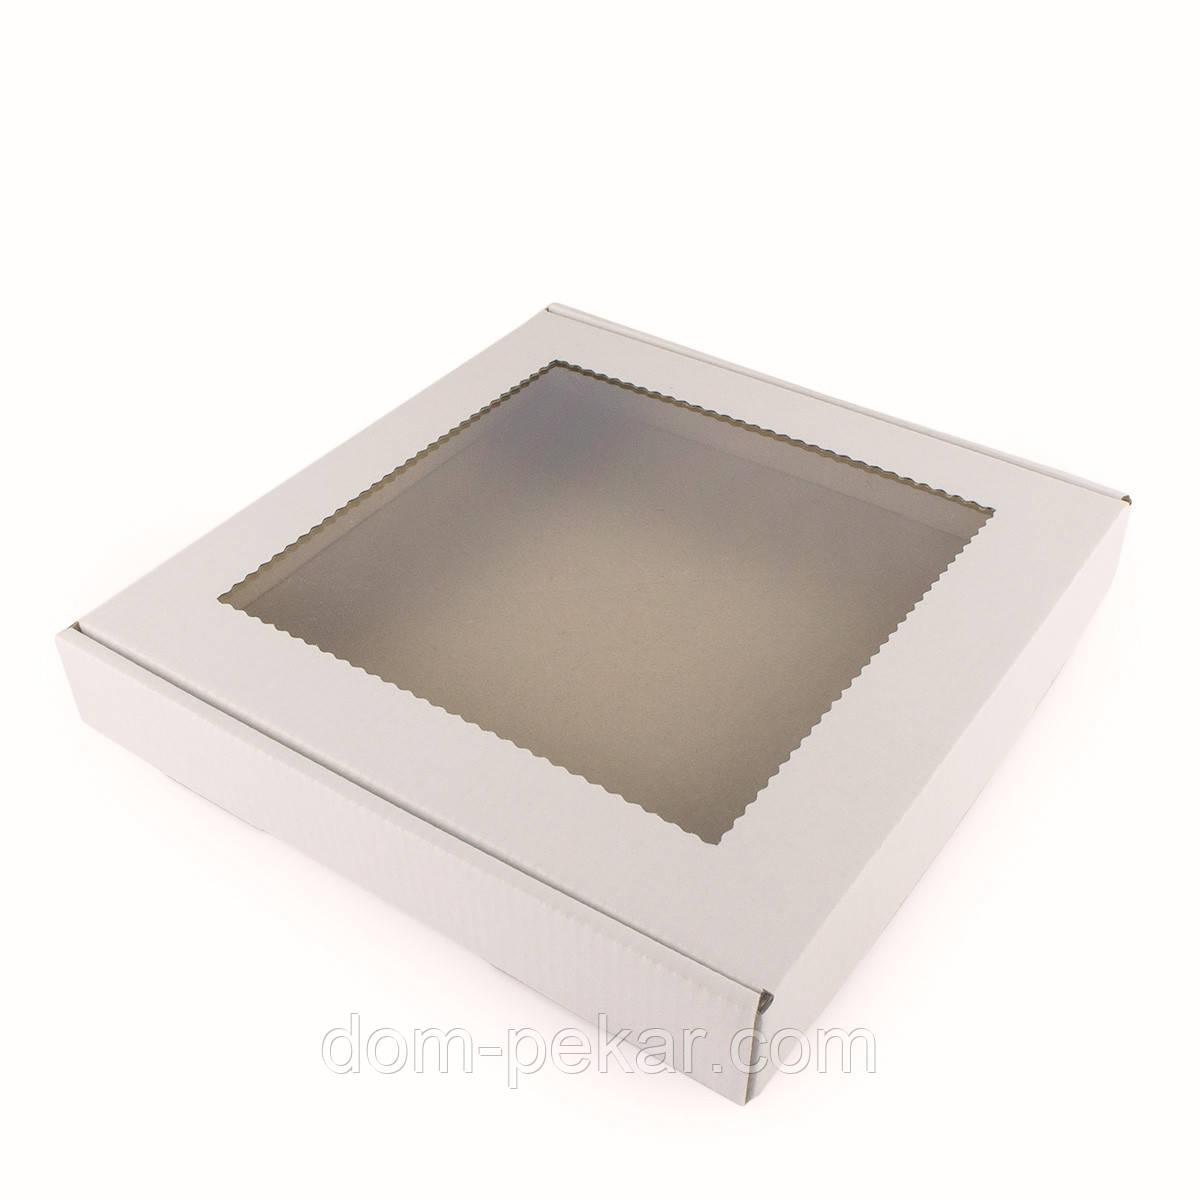 Упаковка для пряников с окошком гофра 200*200*30мм